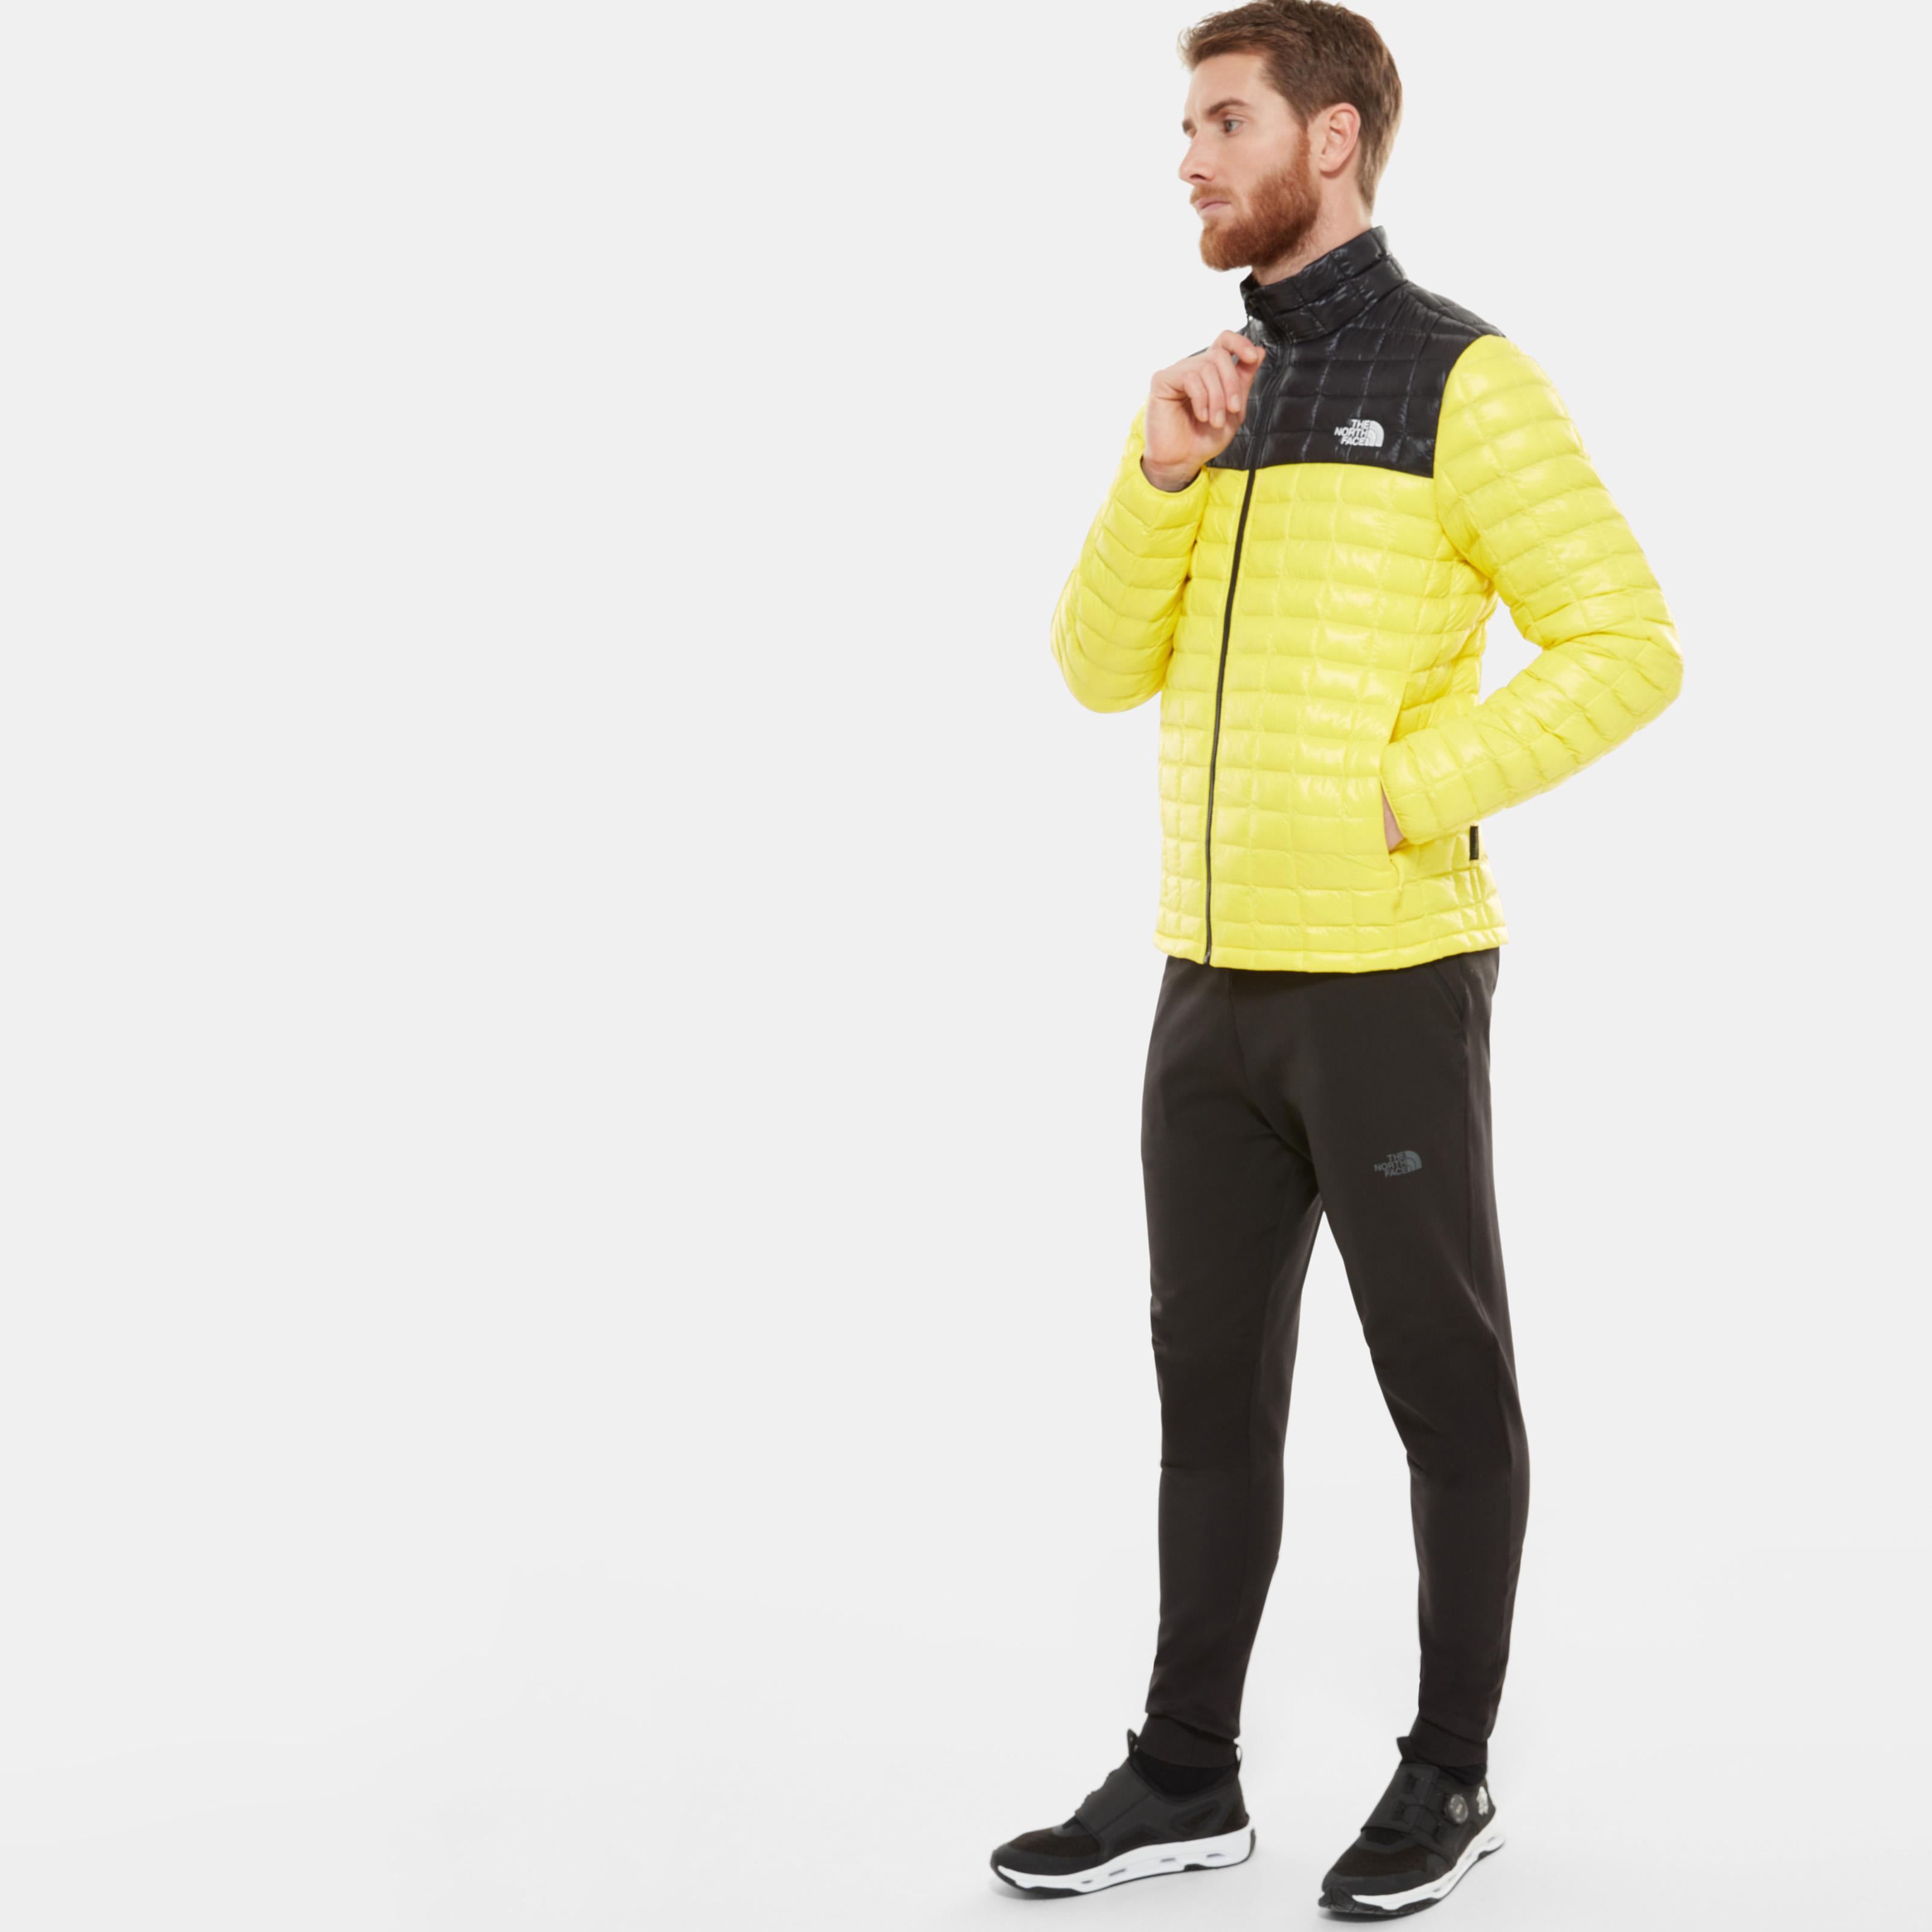 Мужская куртка Thermoball ™ Eco фото